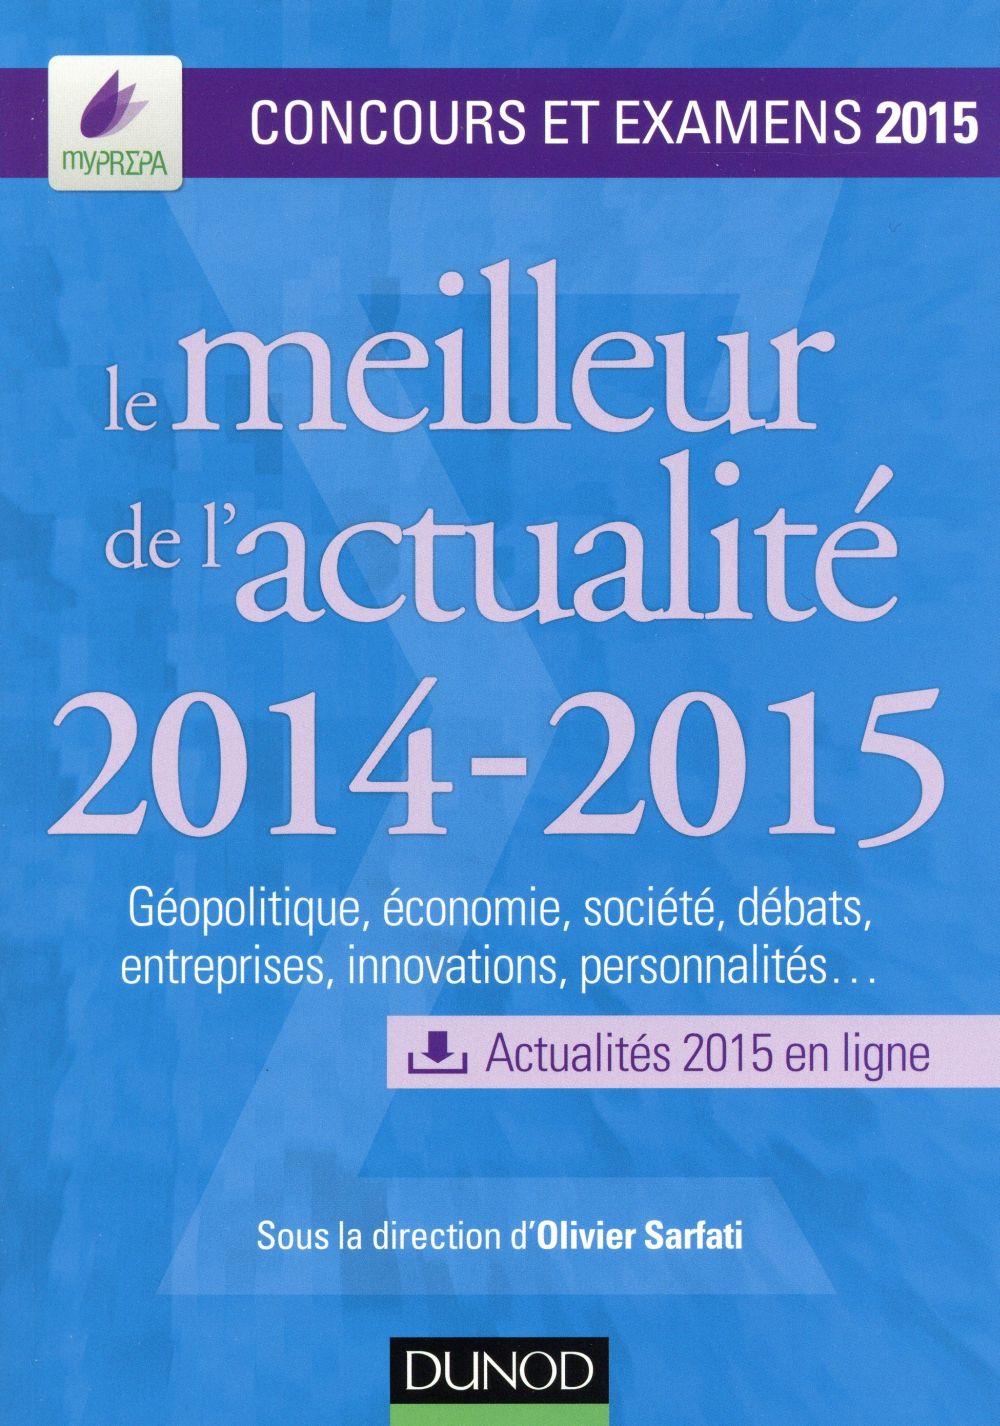 Le Meilleur De L'Actualite 2014-2015 ; Concours Et Examens 2015